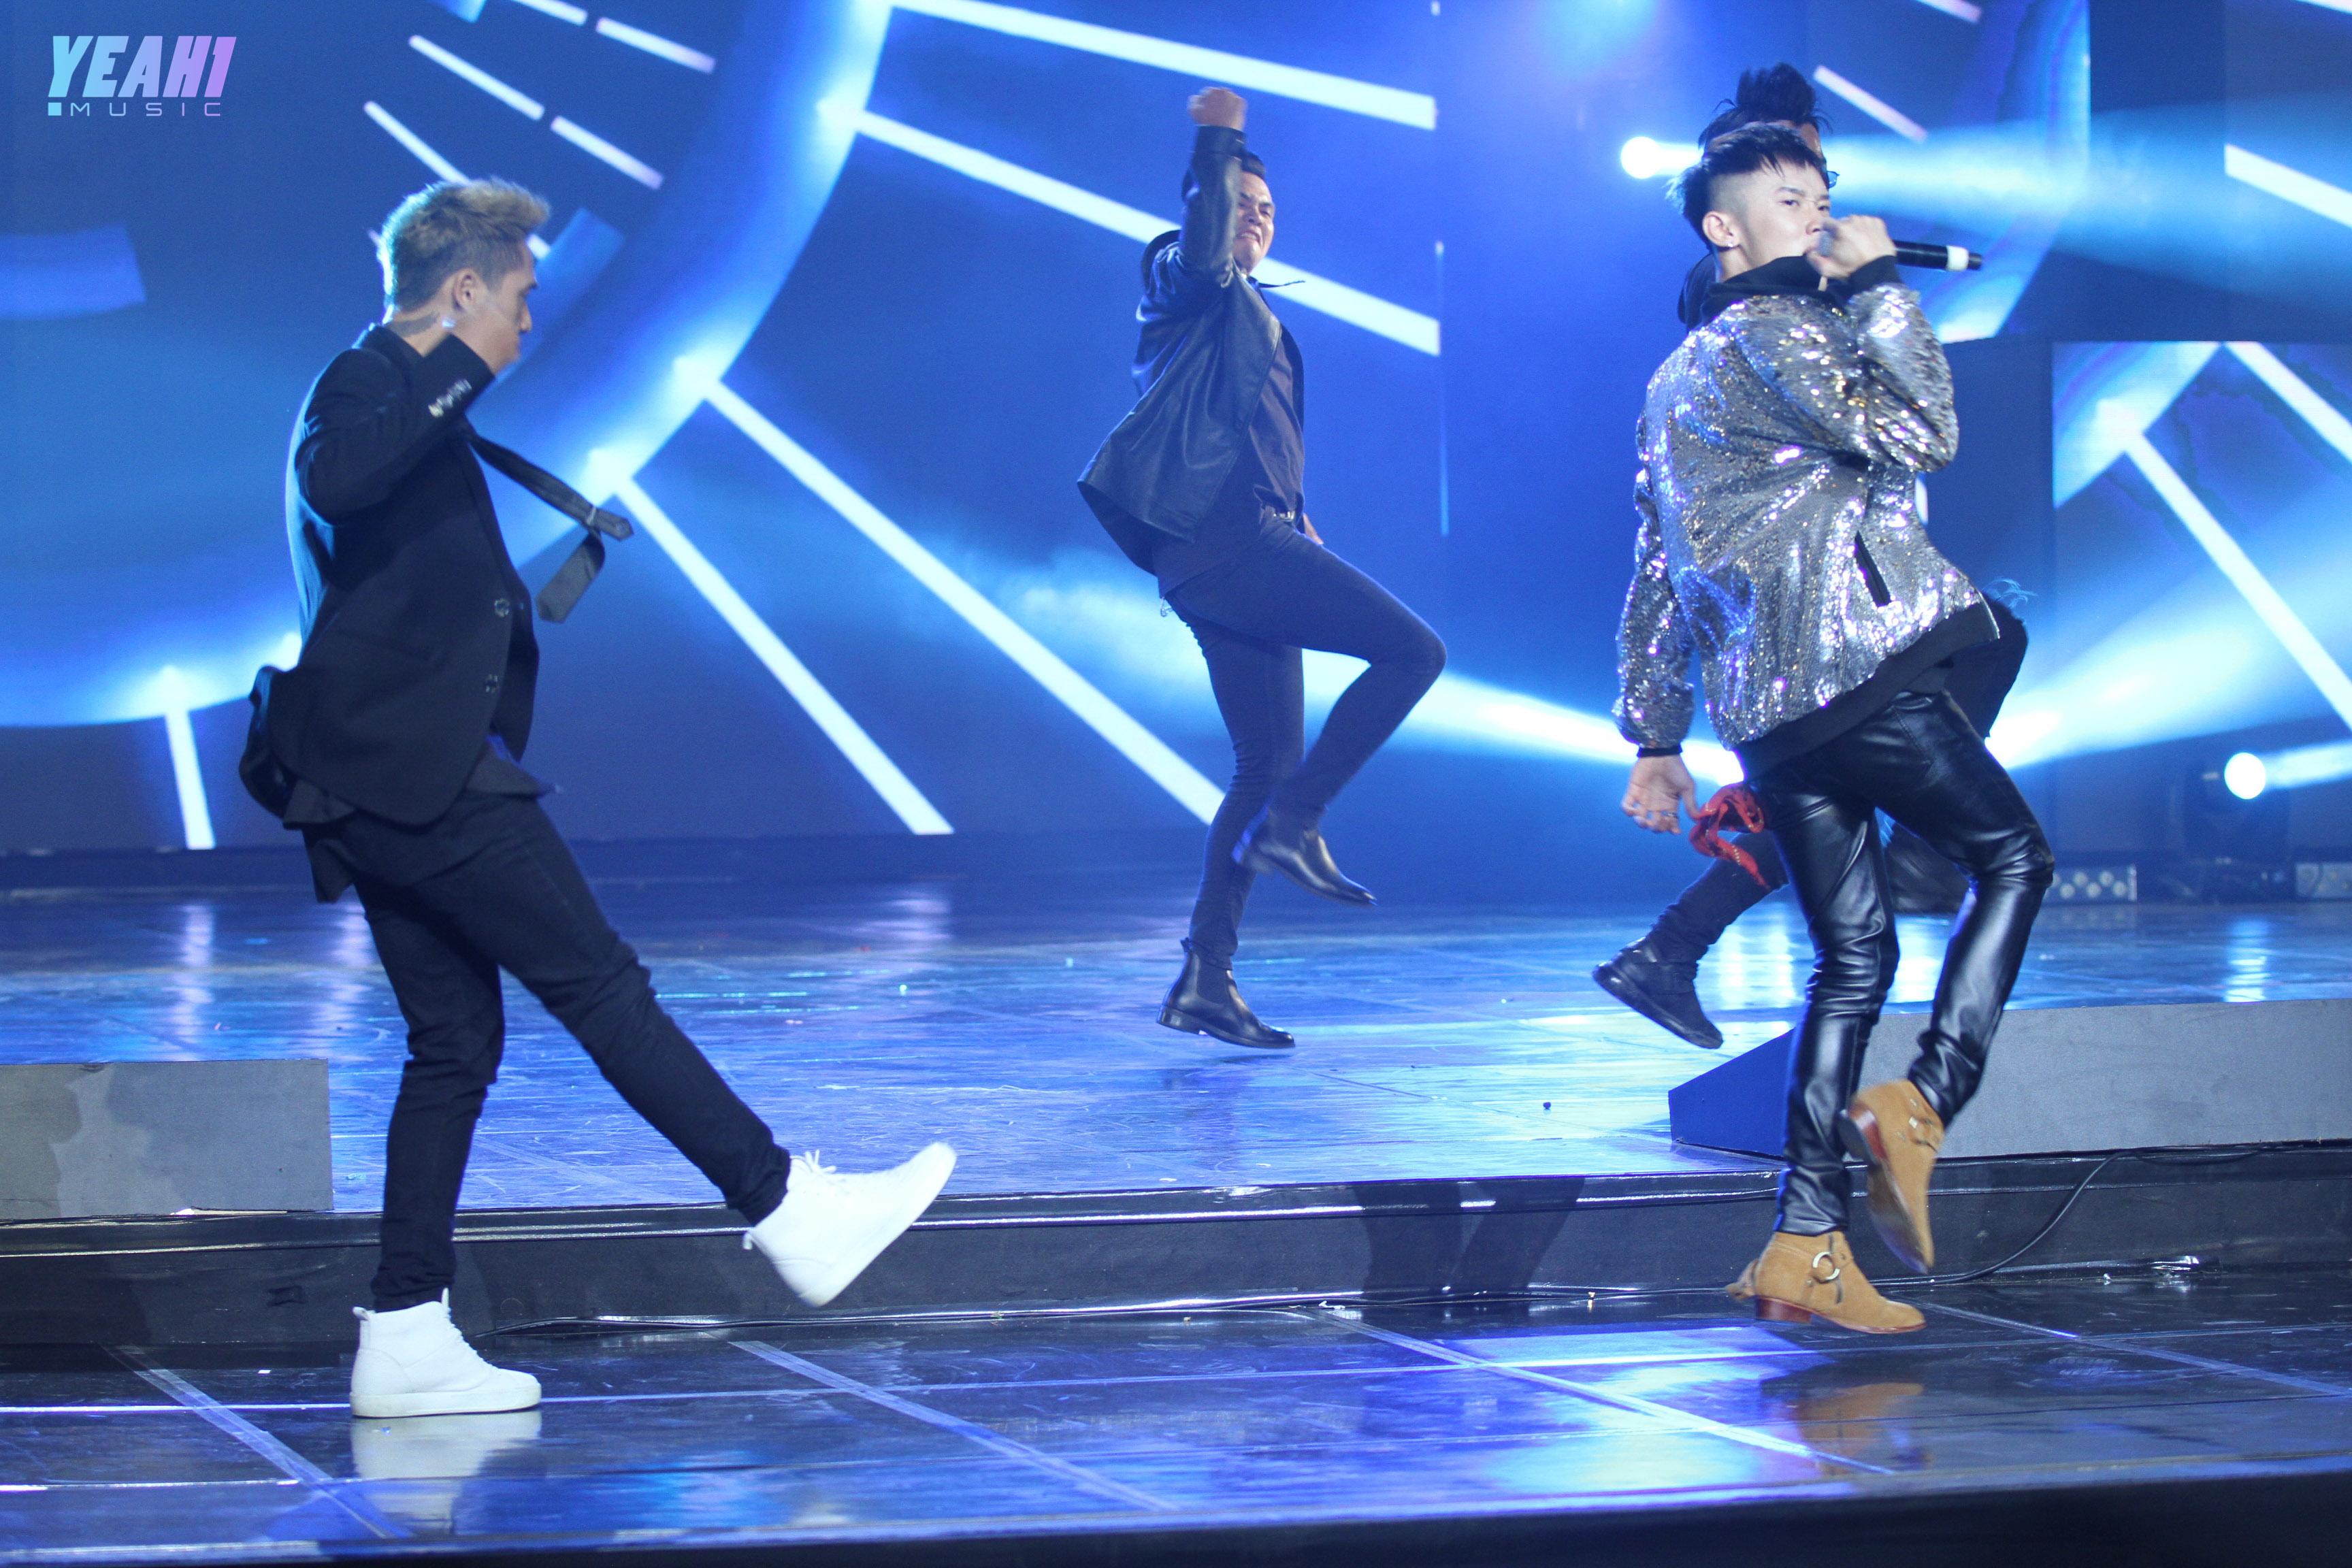 Sunmi thần thái lạnh lùng với Gashina, Seventeen mang bản hit trăm triệu view khuấy đảo show Hàn - Việt cùng dàn nghệ sĩ đình đám